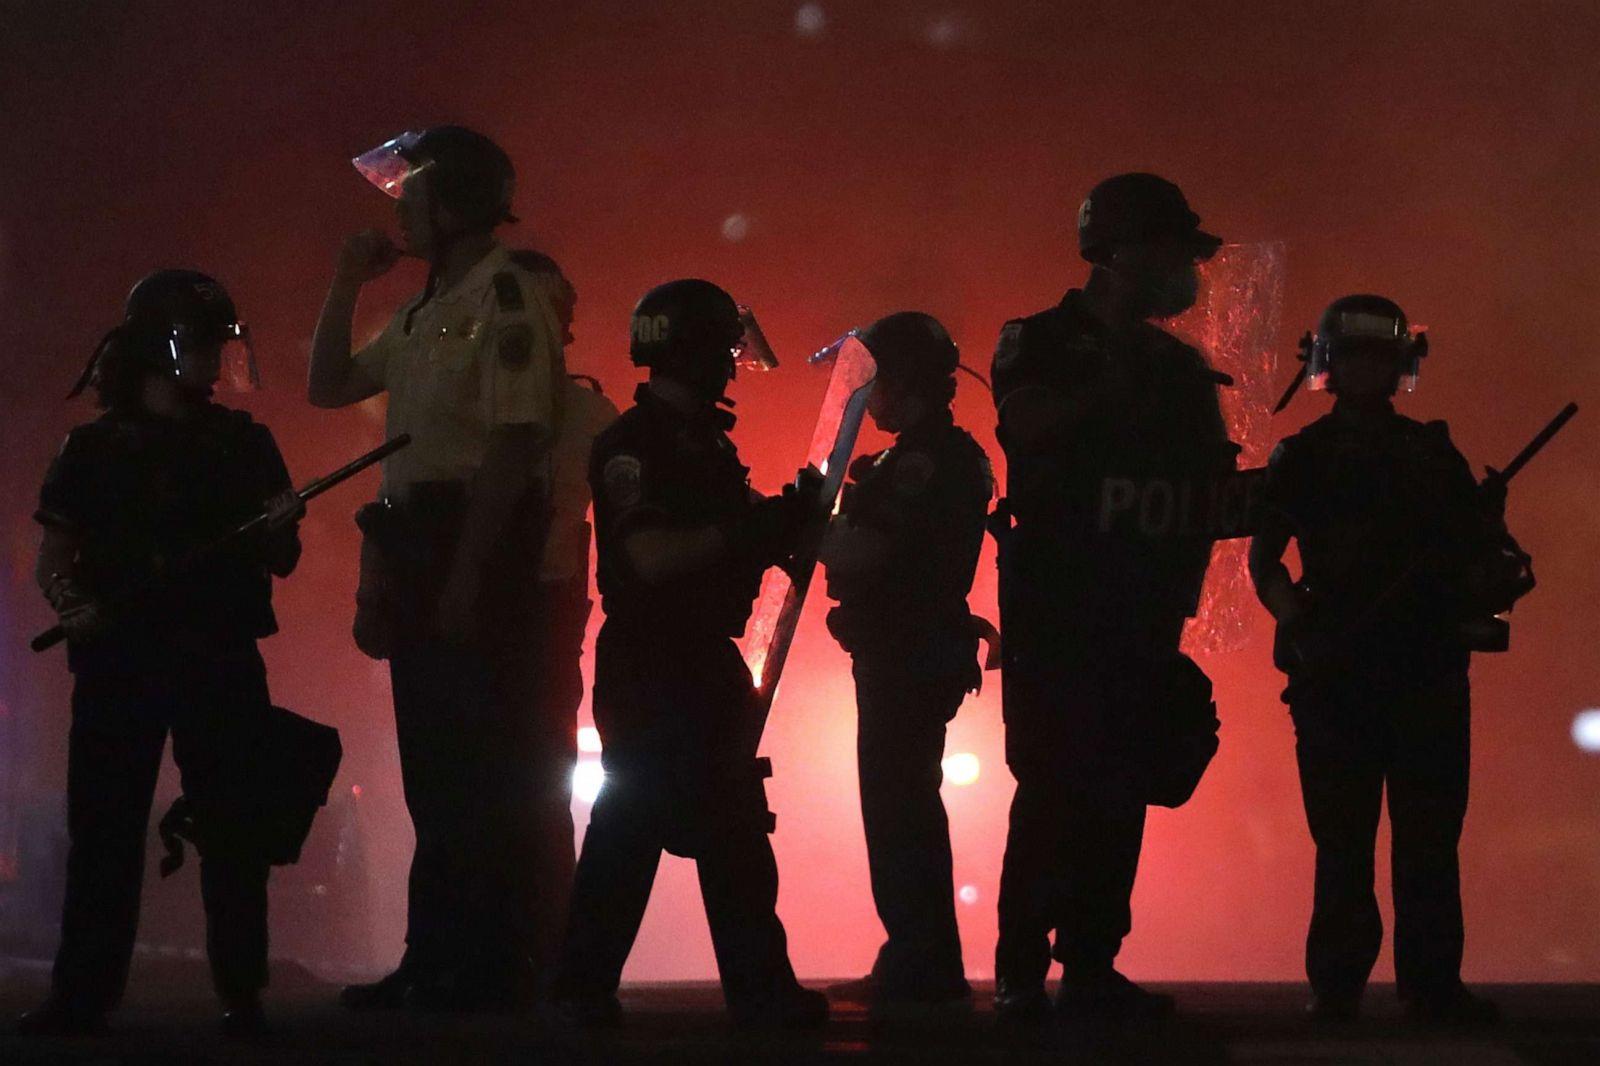 """Chùm ảnh: Toàn cảnh nước Mỹ """"đảo điên"""" sau ngày một người đàn ông bị cảnh sát ghì cổ đến chết - Ảnh 19."""